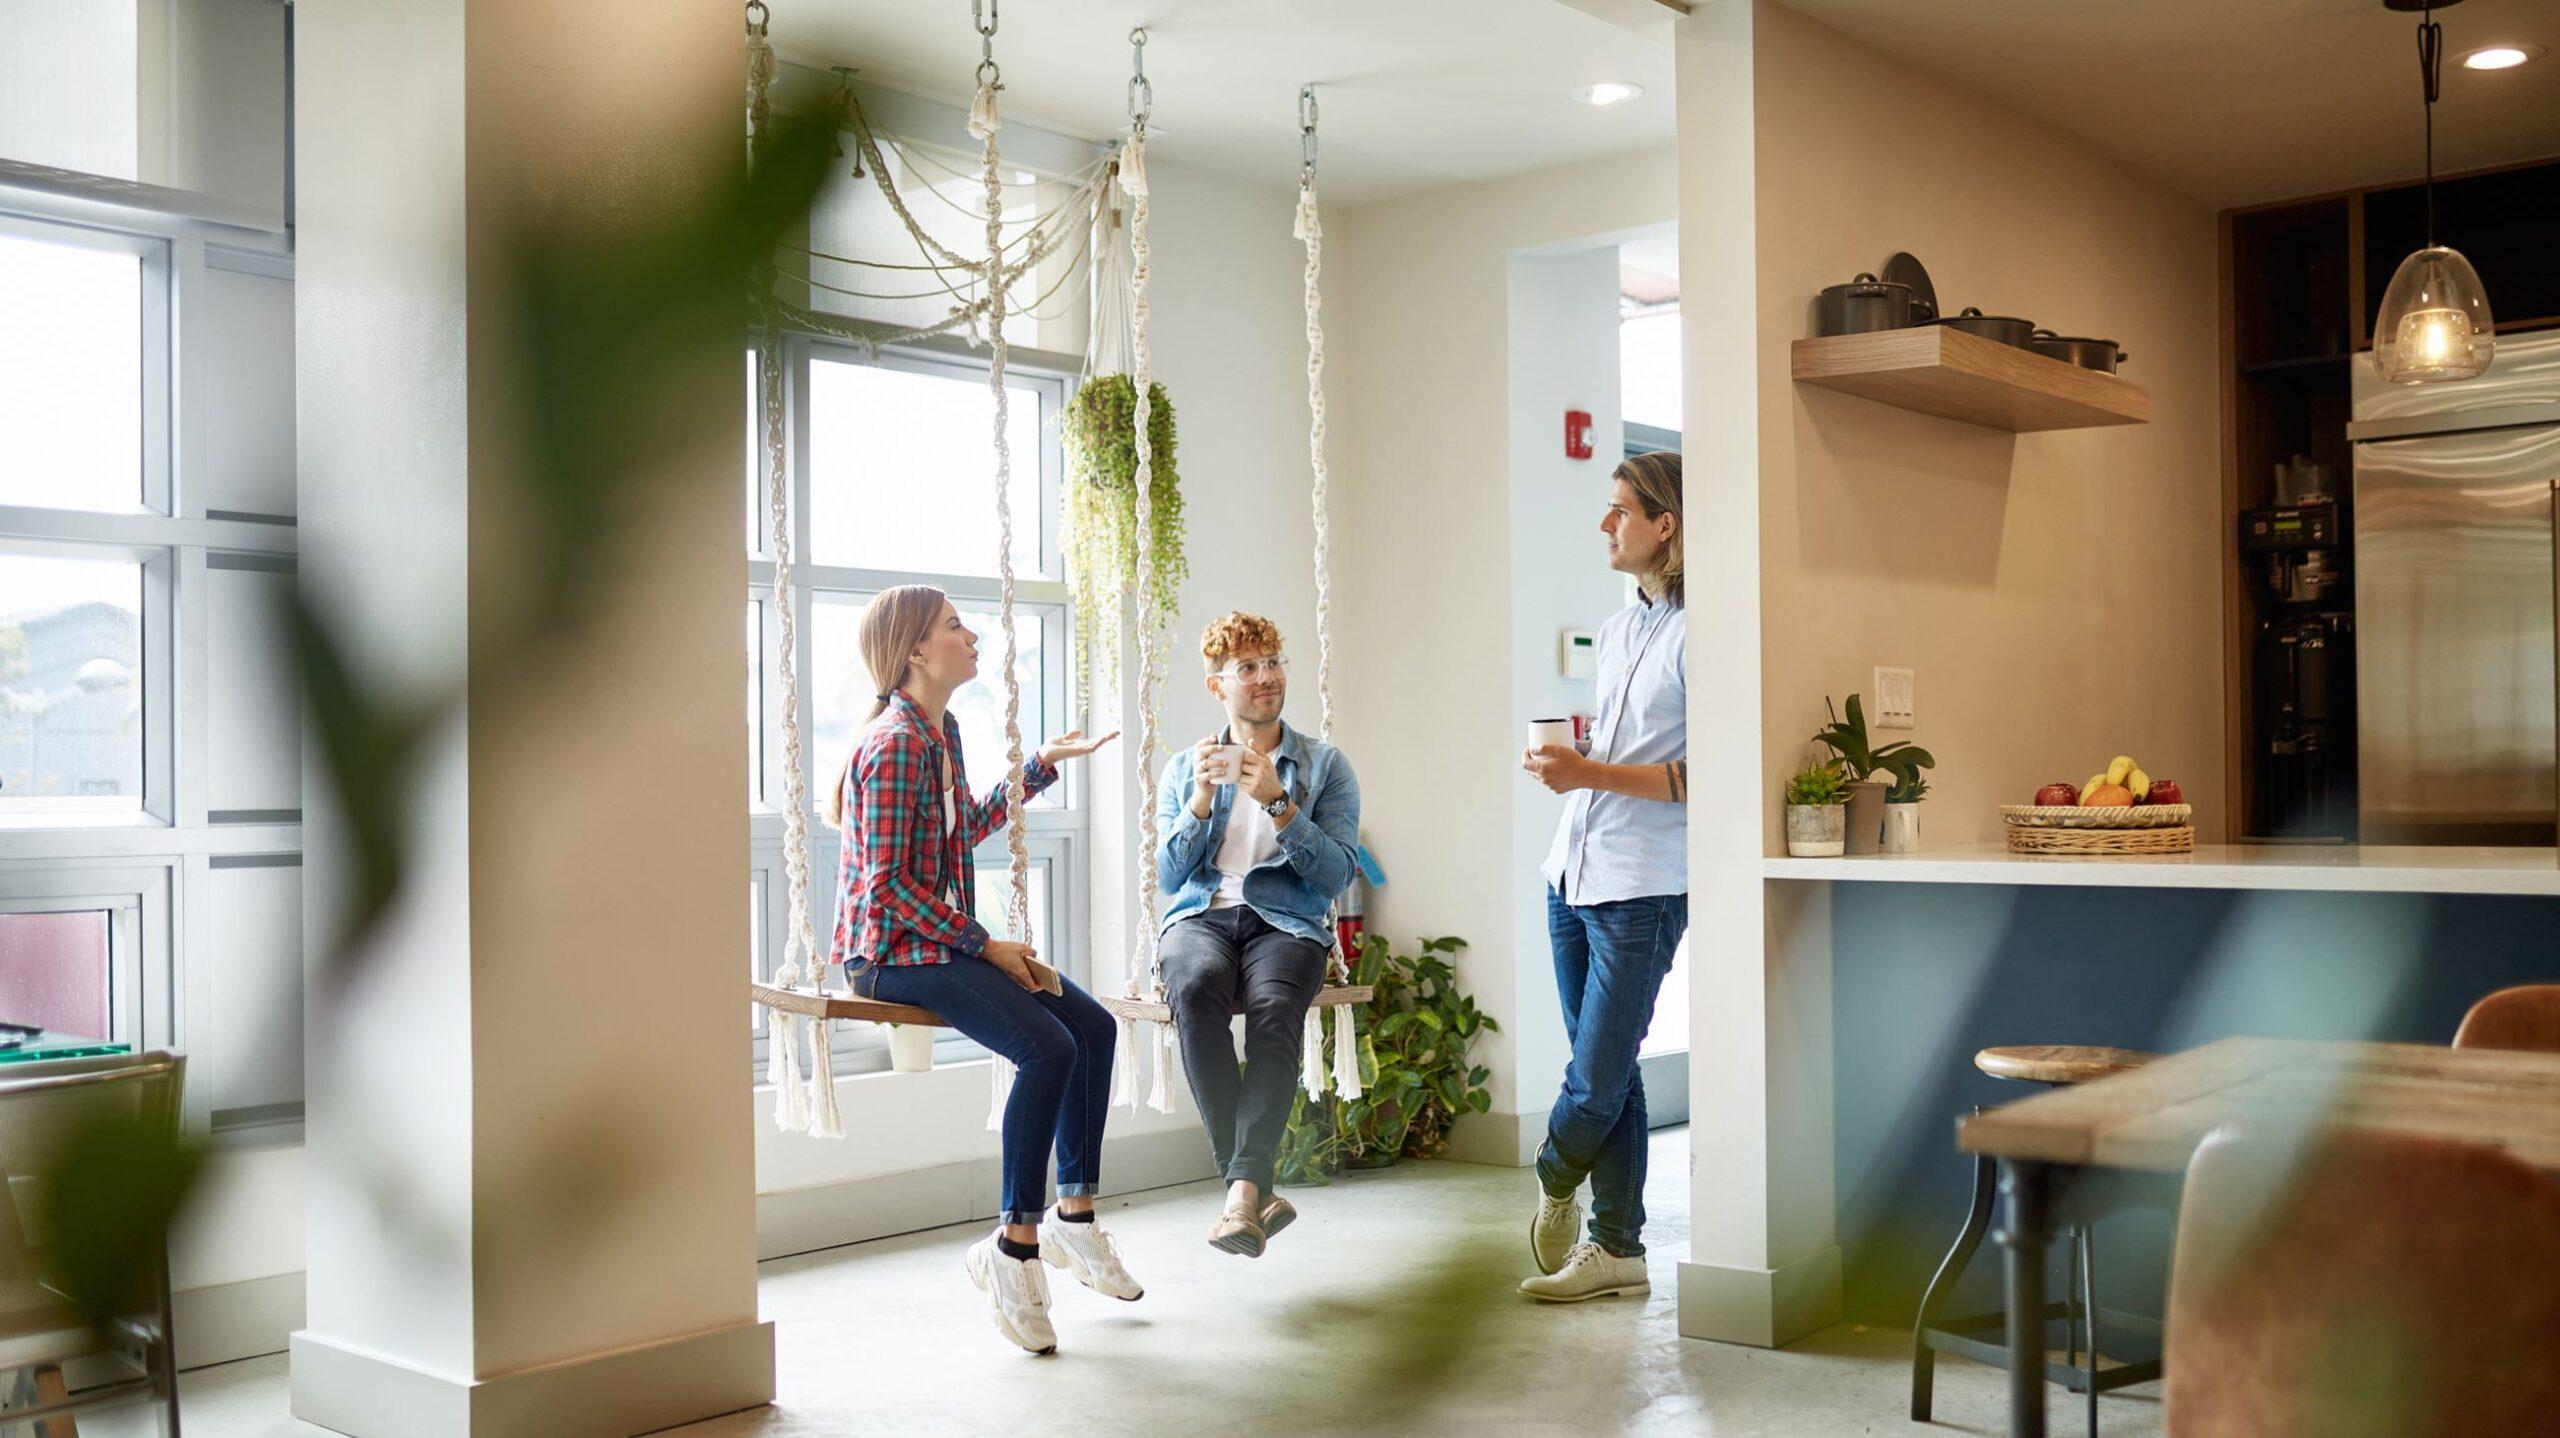 Arbeitskollegen im Gespräch in modernen Büroräumen